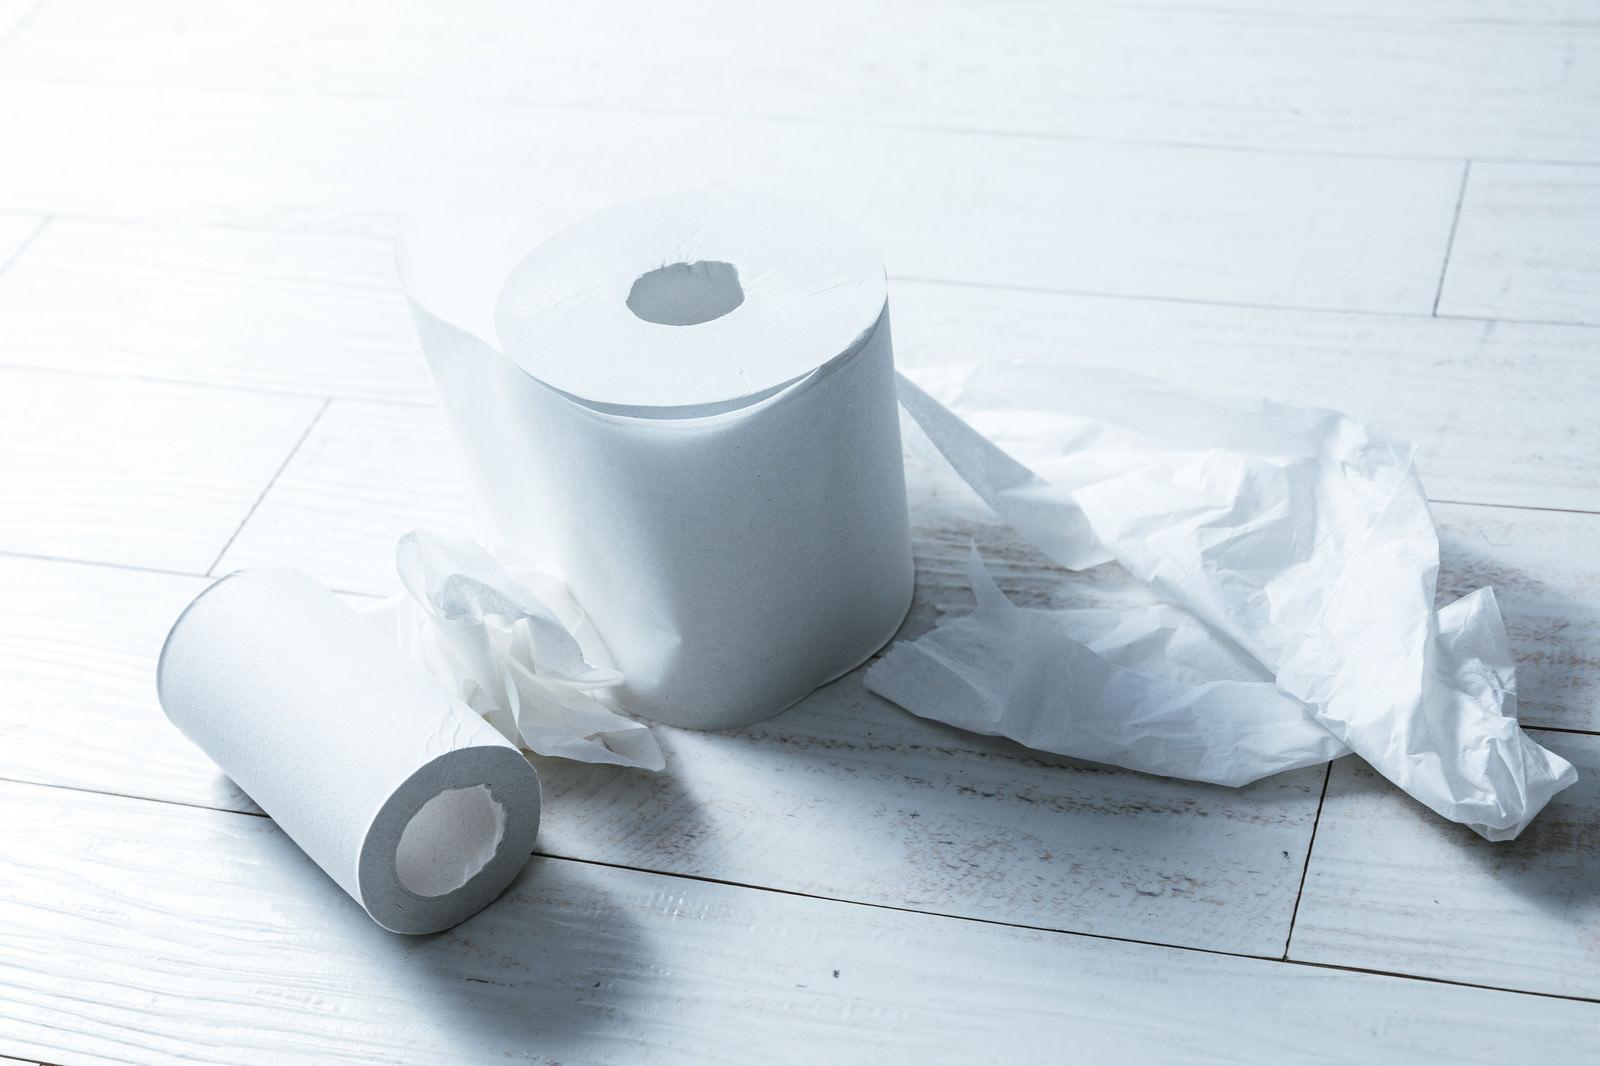 「トイレのあと、お尻がふけてなくて汚い」の写真